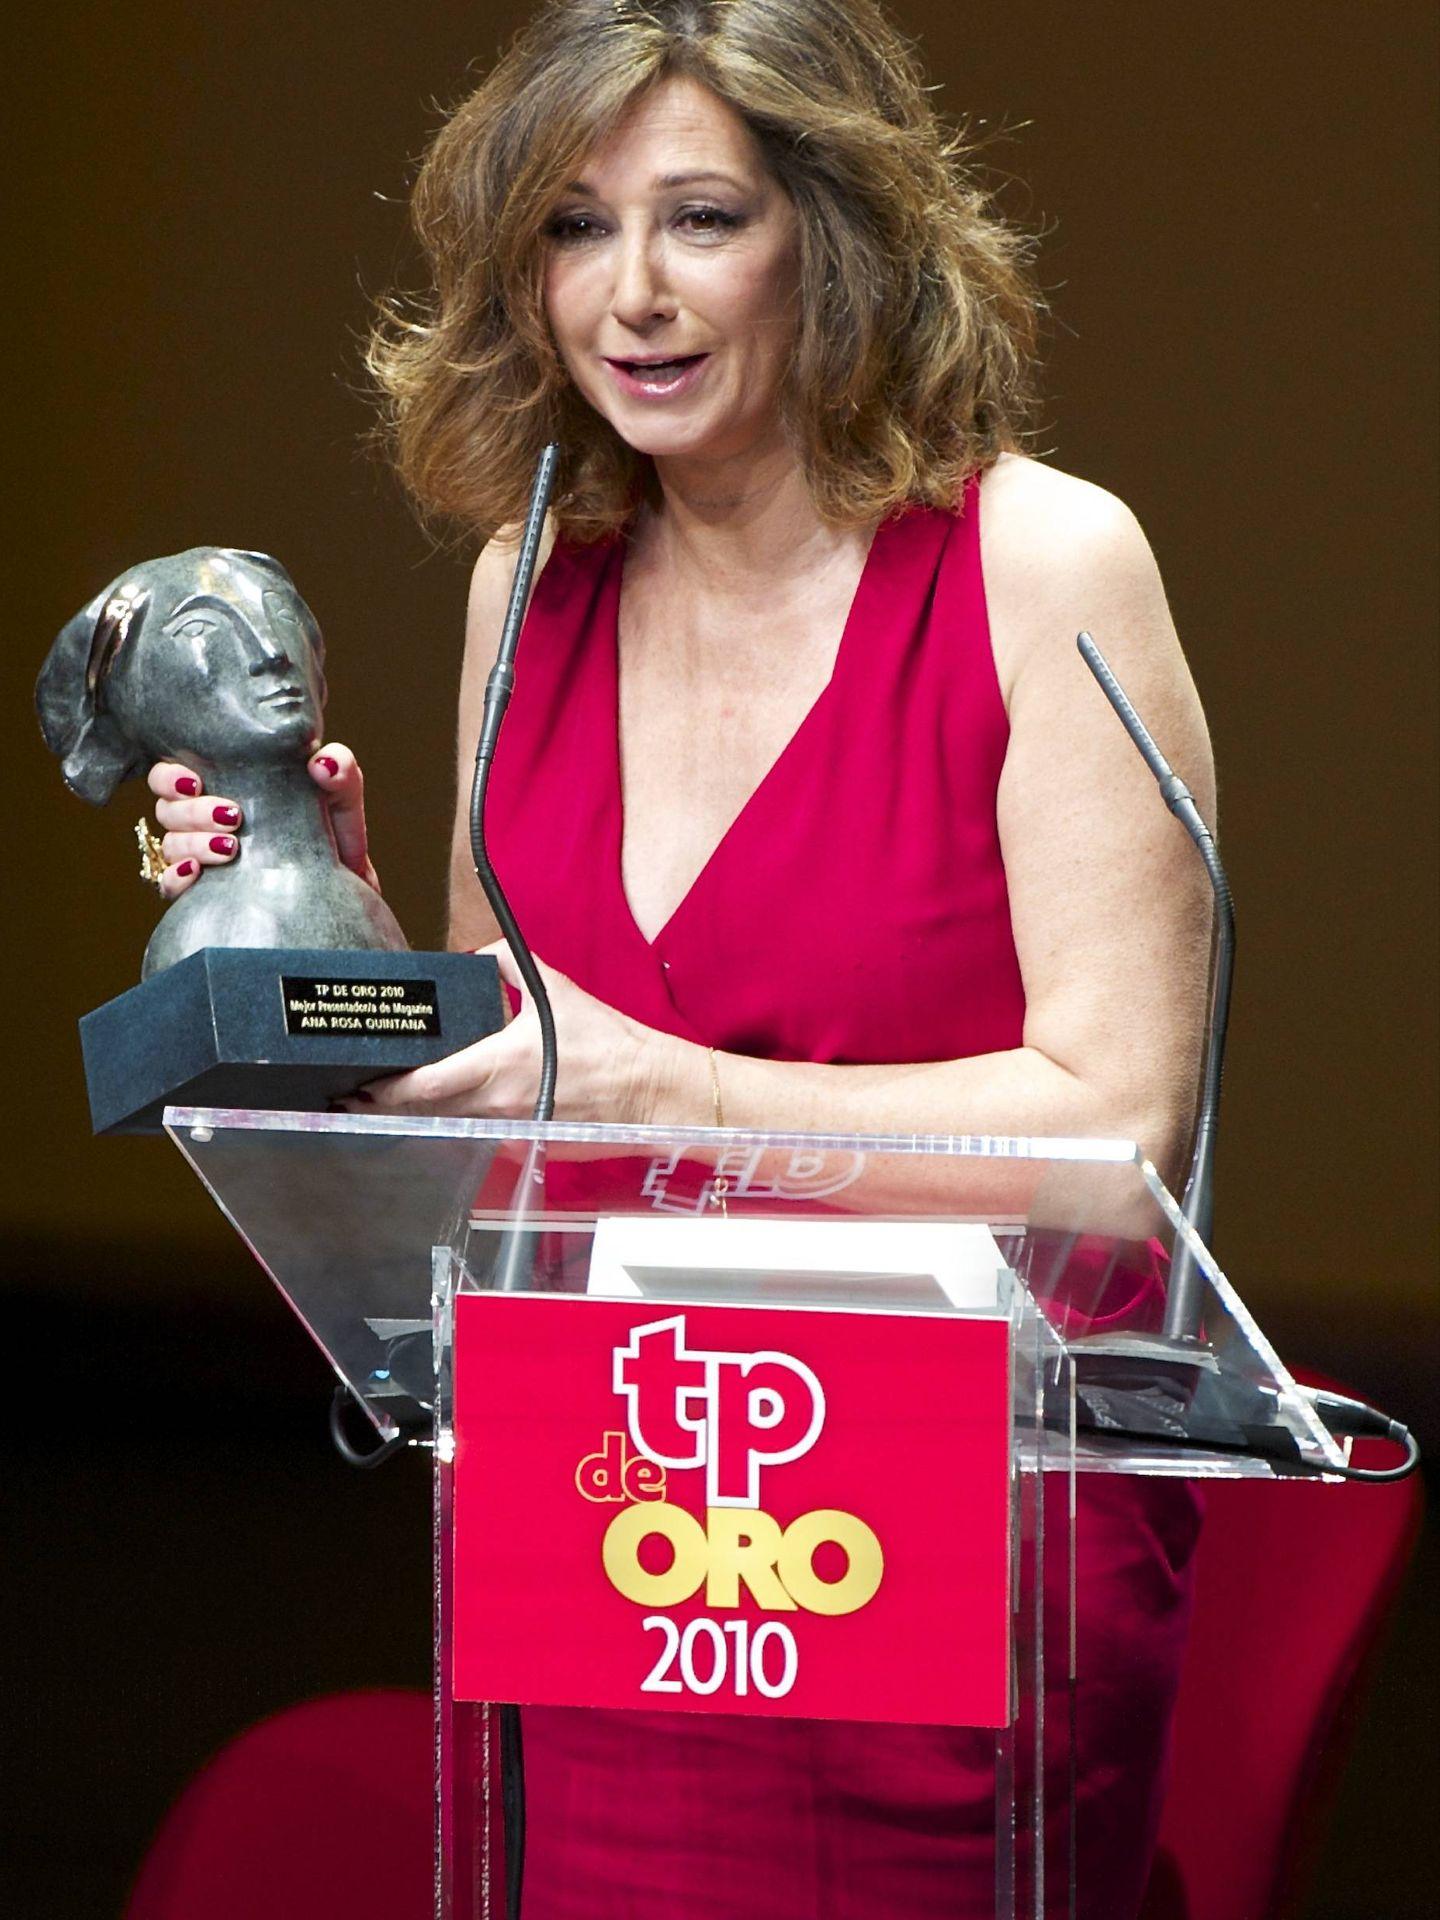 Ana Rosa Quintana recogiendo un premio en febrero de 2010, meses antes de su enfermedad. (Getty)